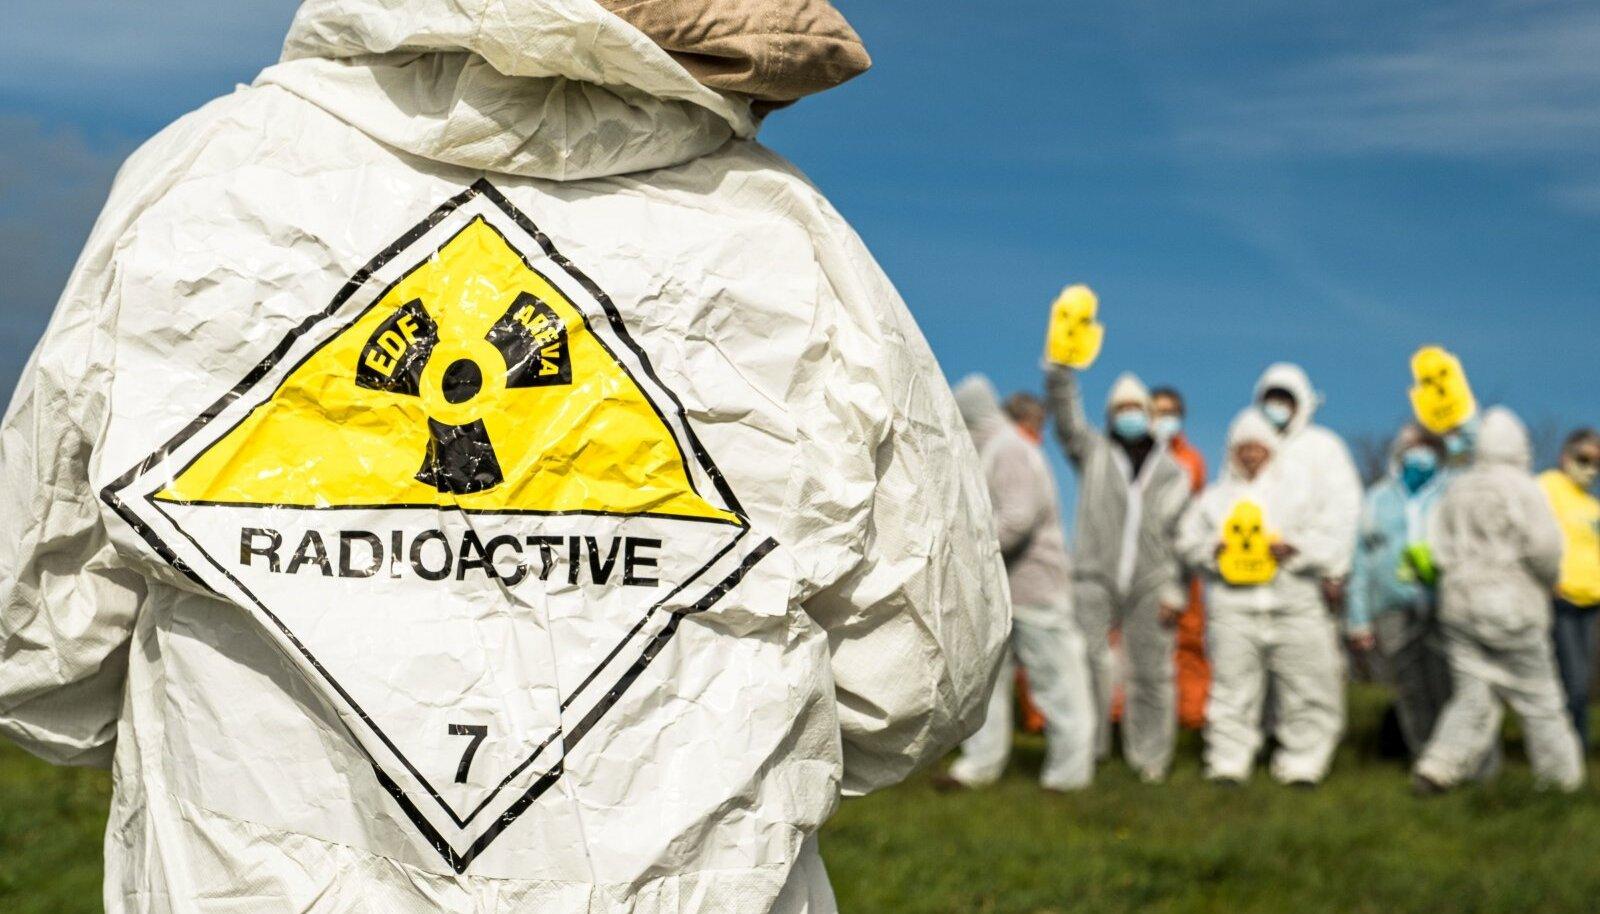 Prantslased soovivad tuumaenergiale lõppu: Fukushima katastroofi 10. aastapäeval kogunesid tuumaenergia vastased Prantsusmaal Lyoni linnas, et protesteerida tuumaenergia ja Bugey tuumaelektrijaama vastu.